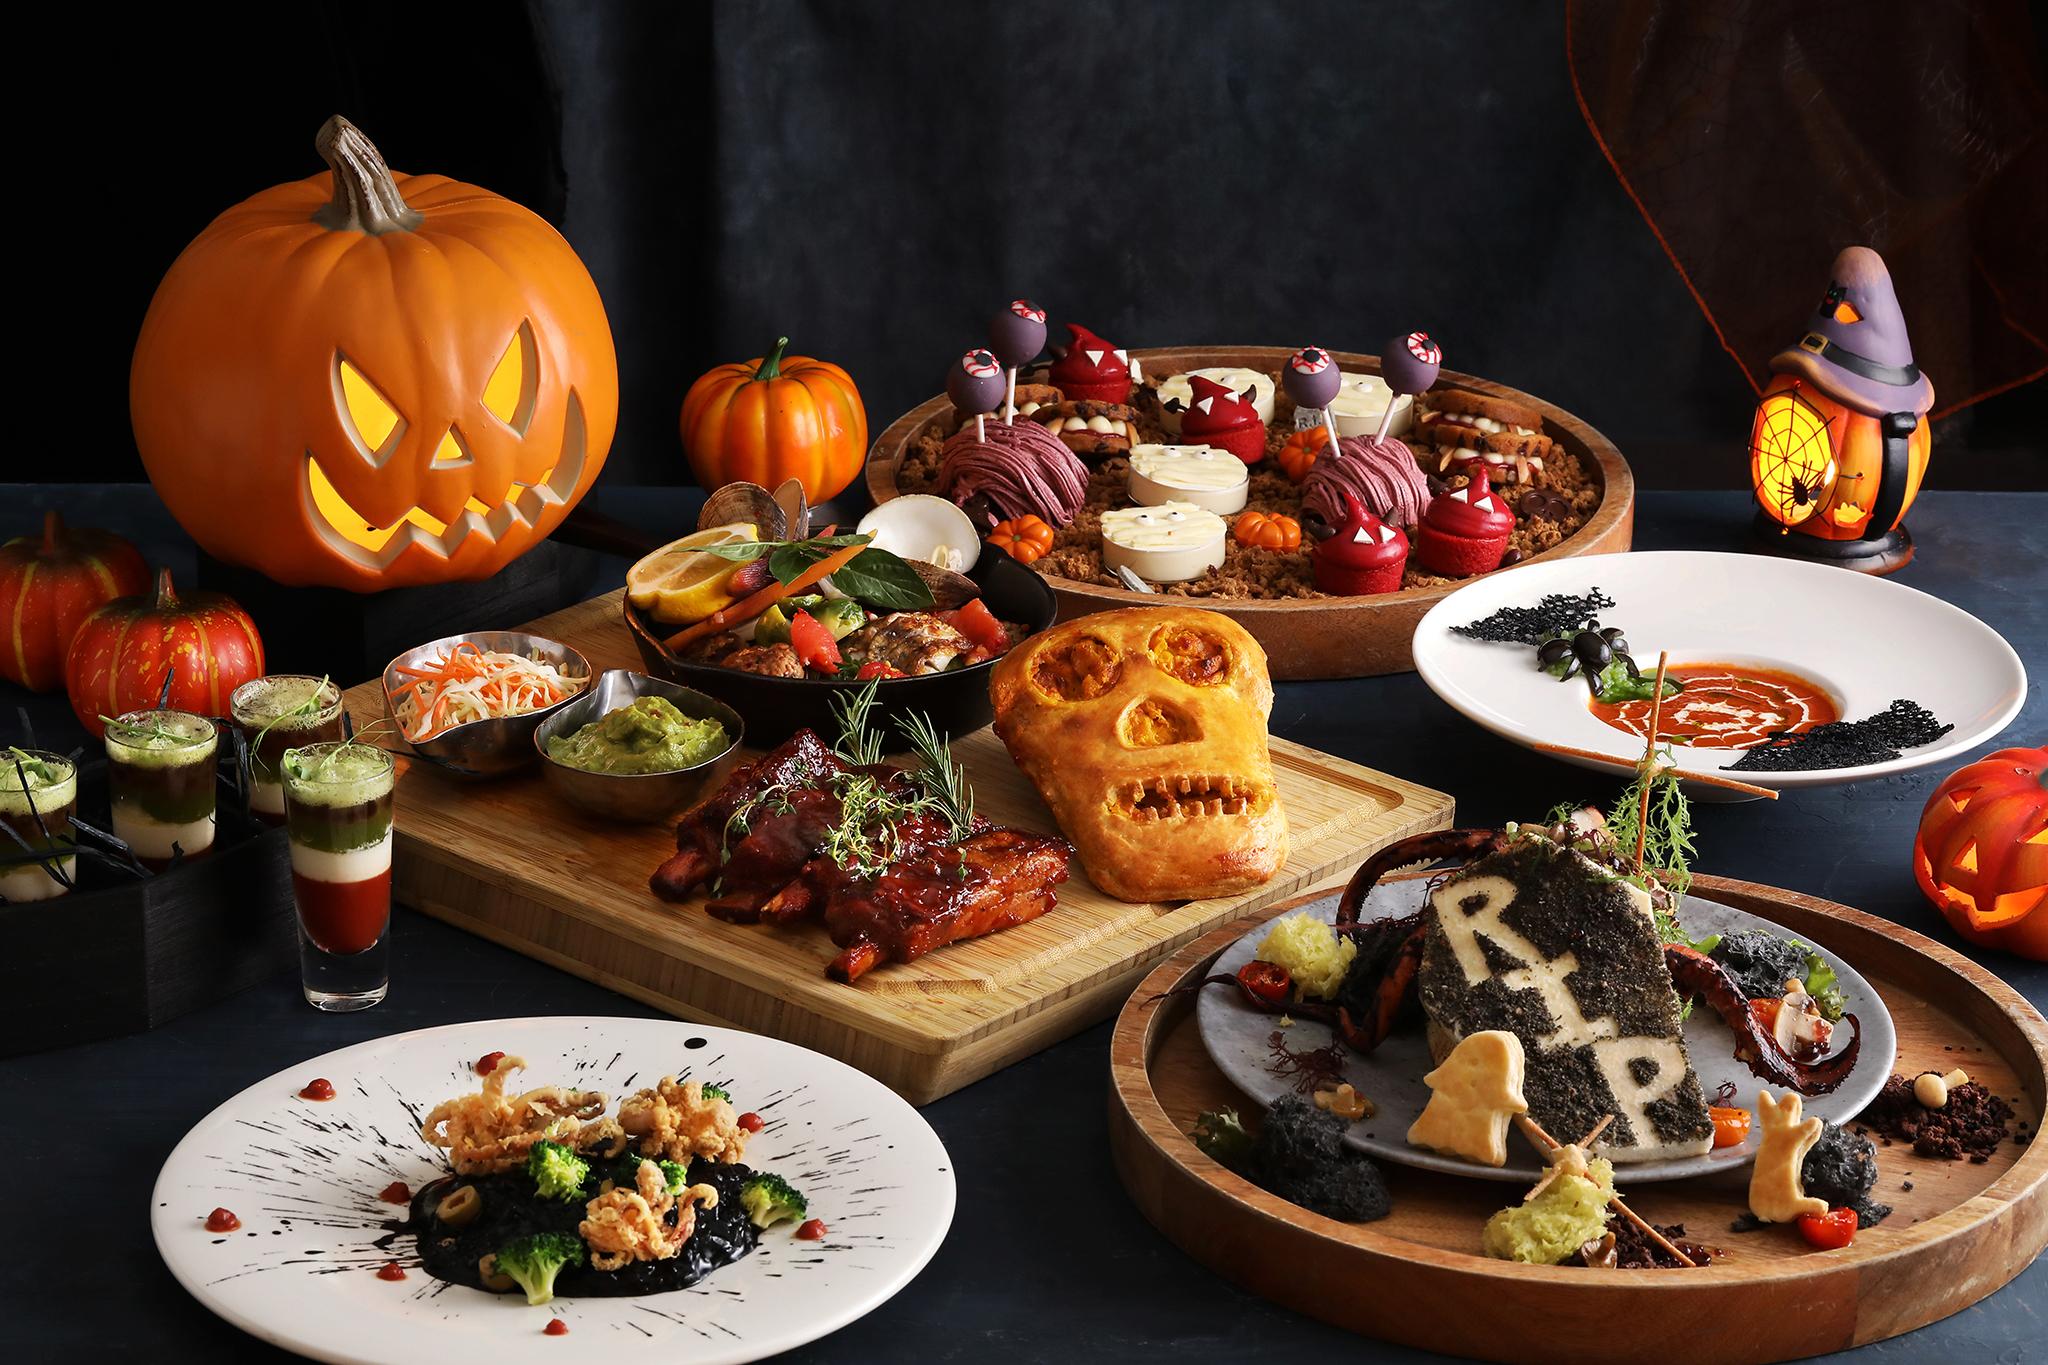 萬聖節派對特搜5家暗黑系餐廳 眼球巧克力、人腦蛋糕、幽靈餅乾、蝙蝠湯、墓碑奶酥就是要搞怪